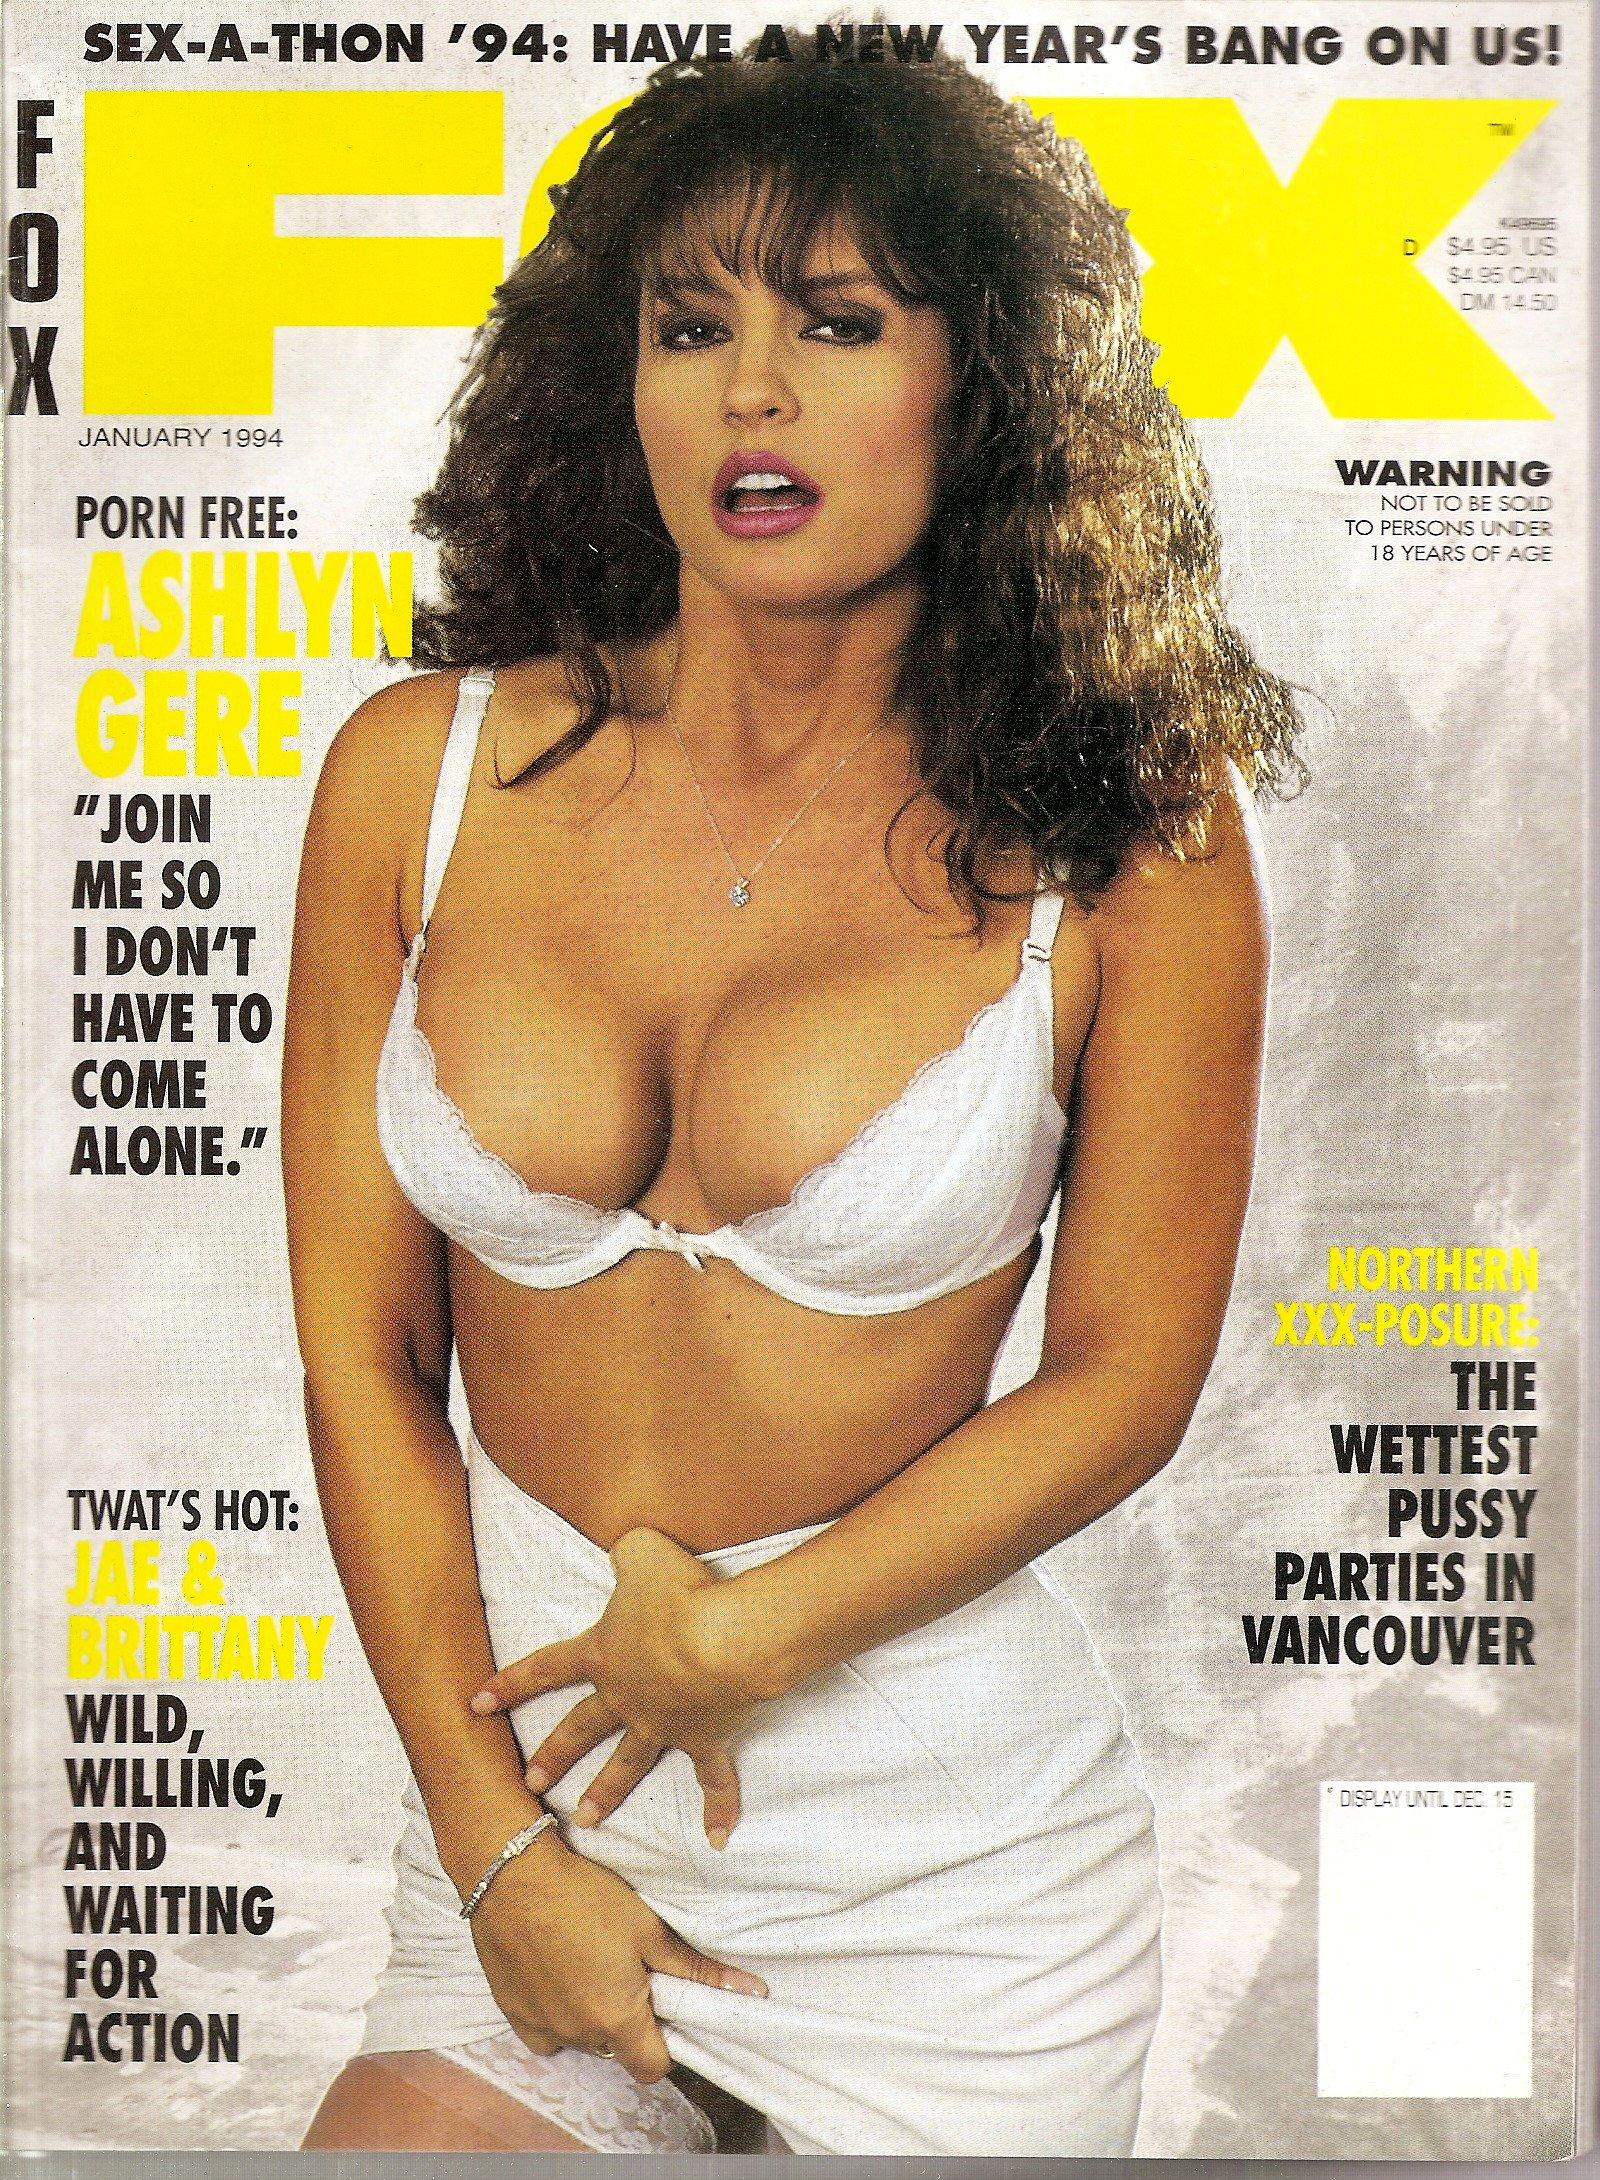 Ashlyn Gere nude (81 photo), Pussy, Bikini, Boobs, in bikini 2020